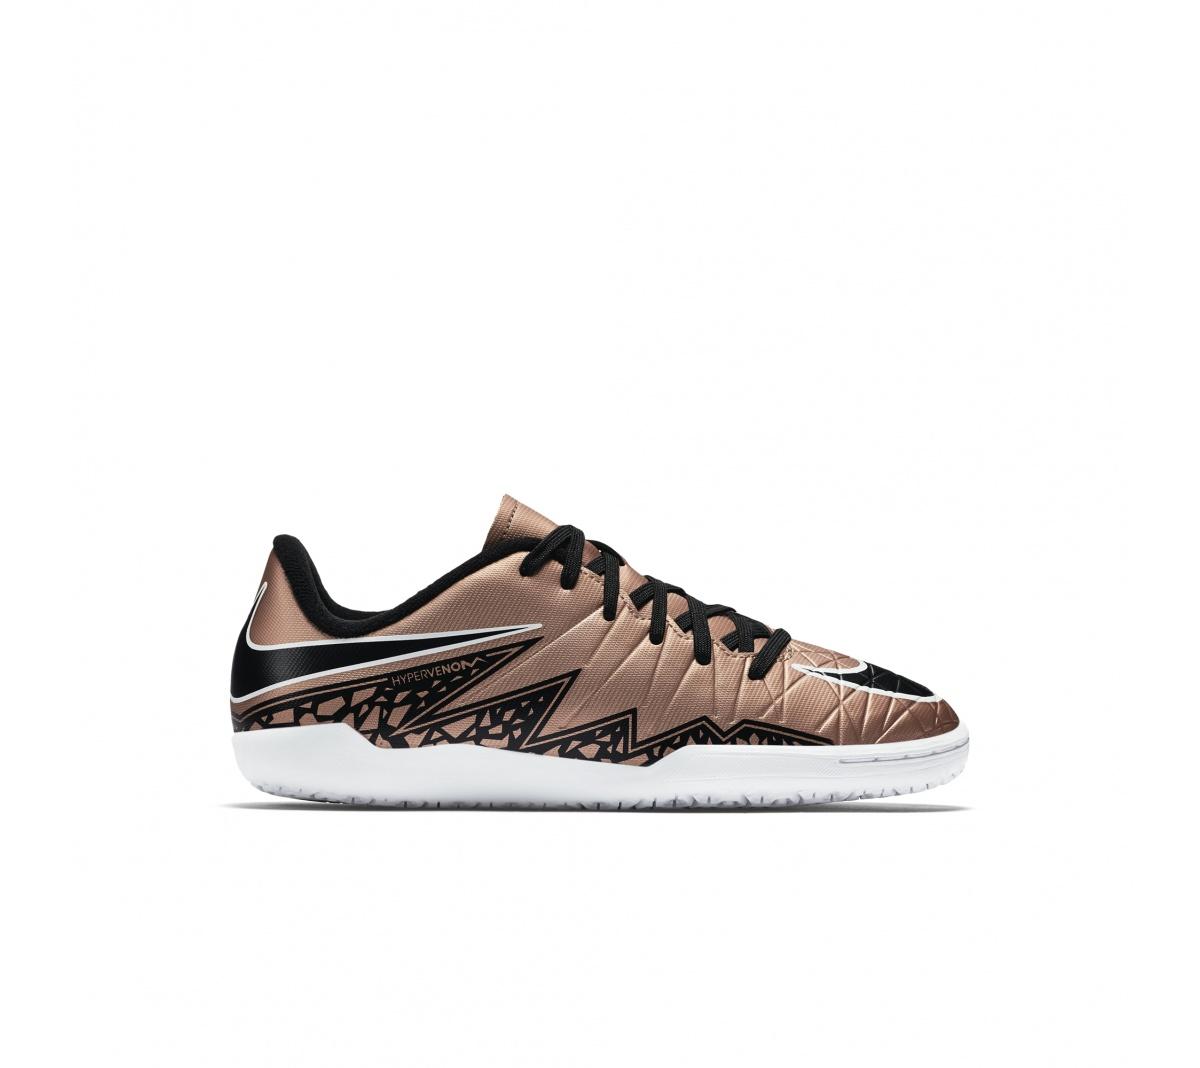 d346bd6ff3 ... Tênis Nike Hypervenom Phelon II IC Jr Dourado com Preto e Branco ...